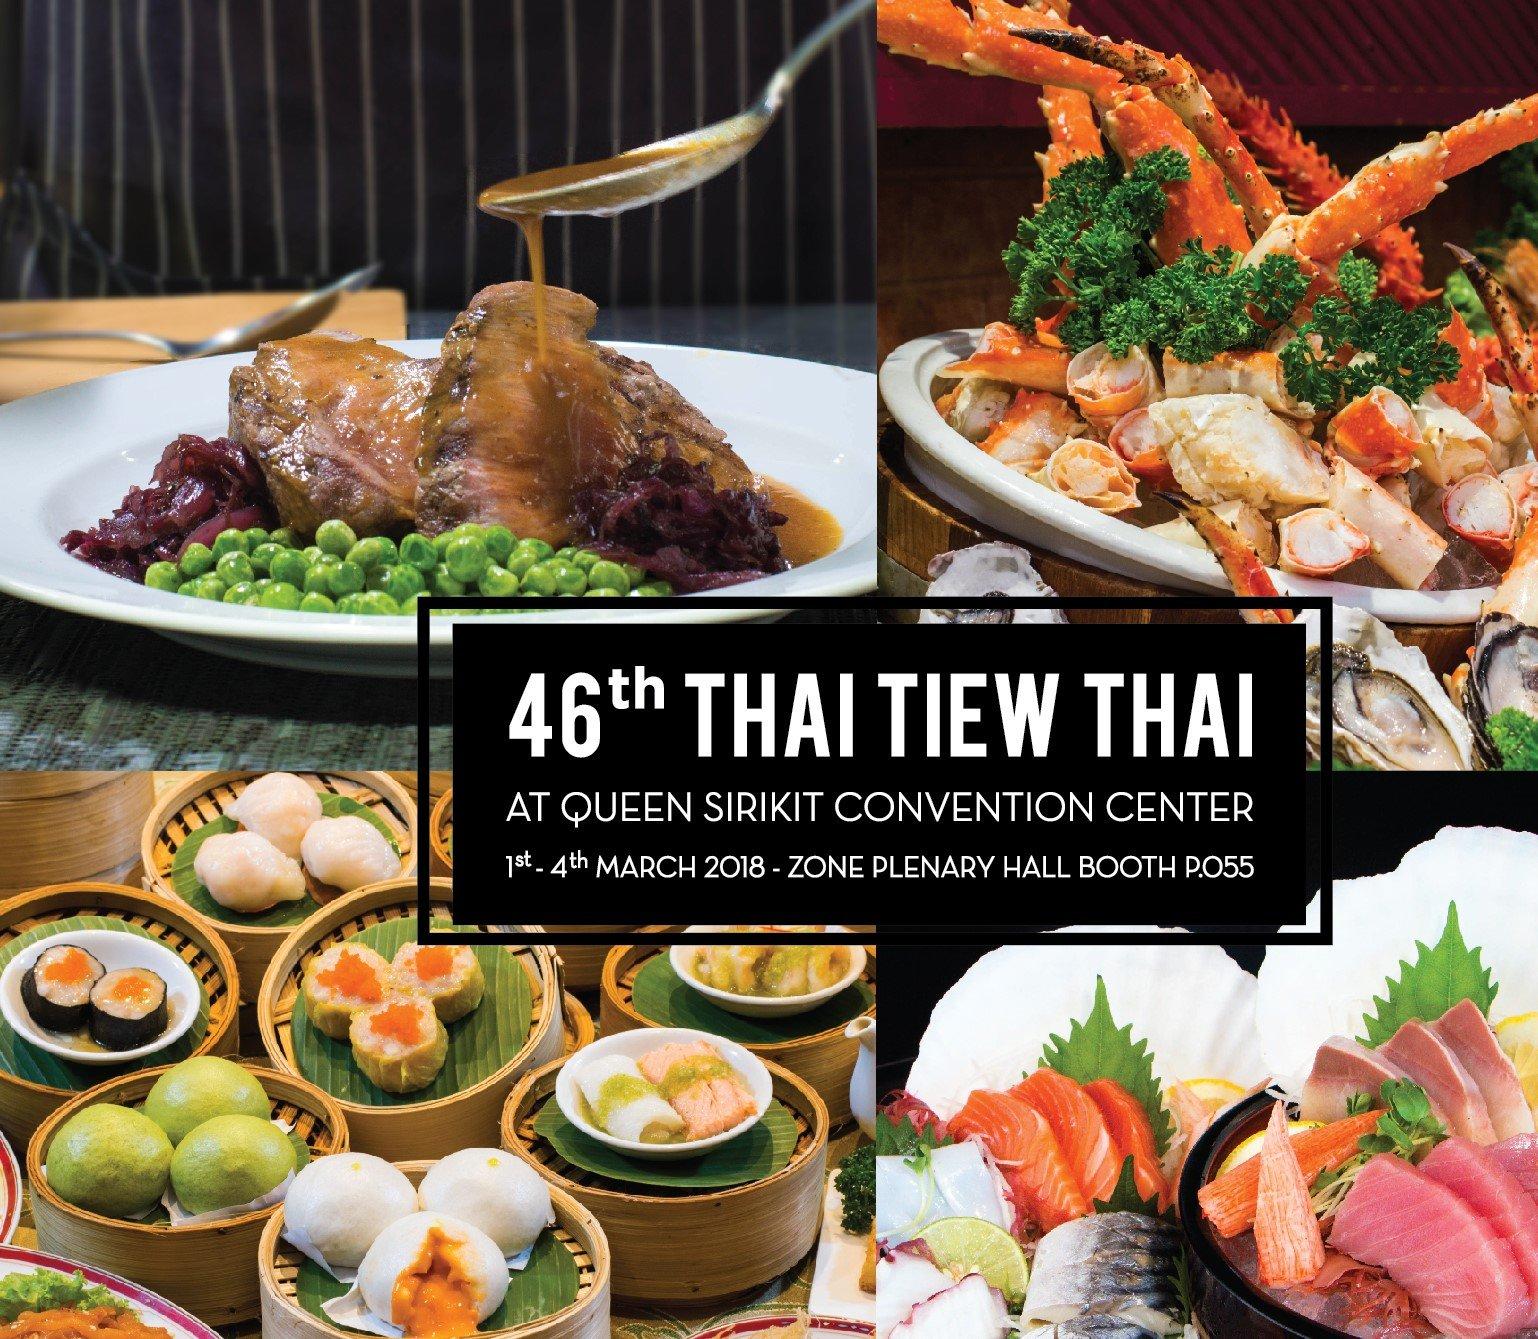 สาวกความอร่อย เชิญทางนี้ คูปองอาหารราคาพิเศษ งานไทยเที่ยวไทย ครั้งที่ 46 1 – 4 มีนาคม 2561 คูปองสุดคุ้ม 12 แถม 1 2 -